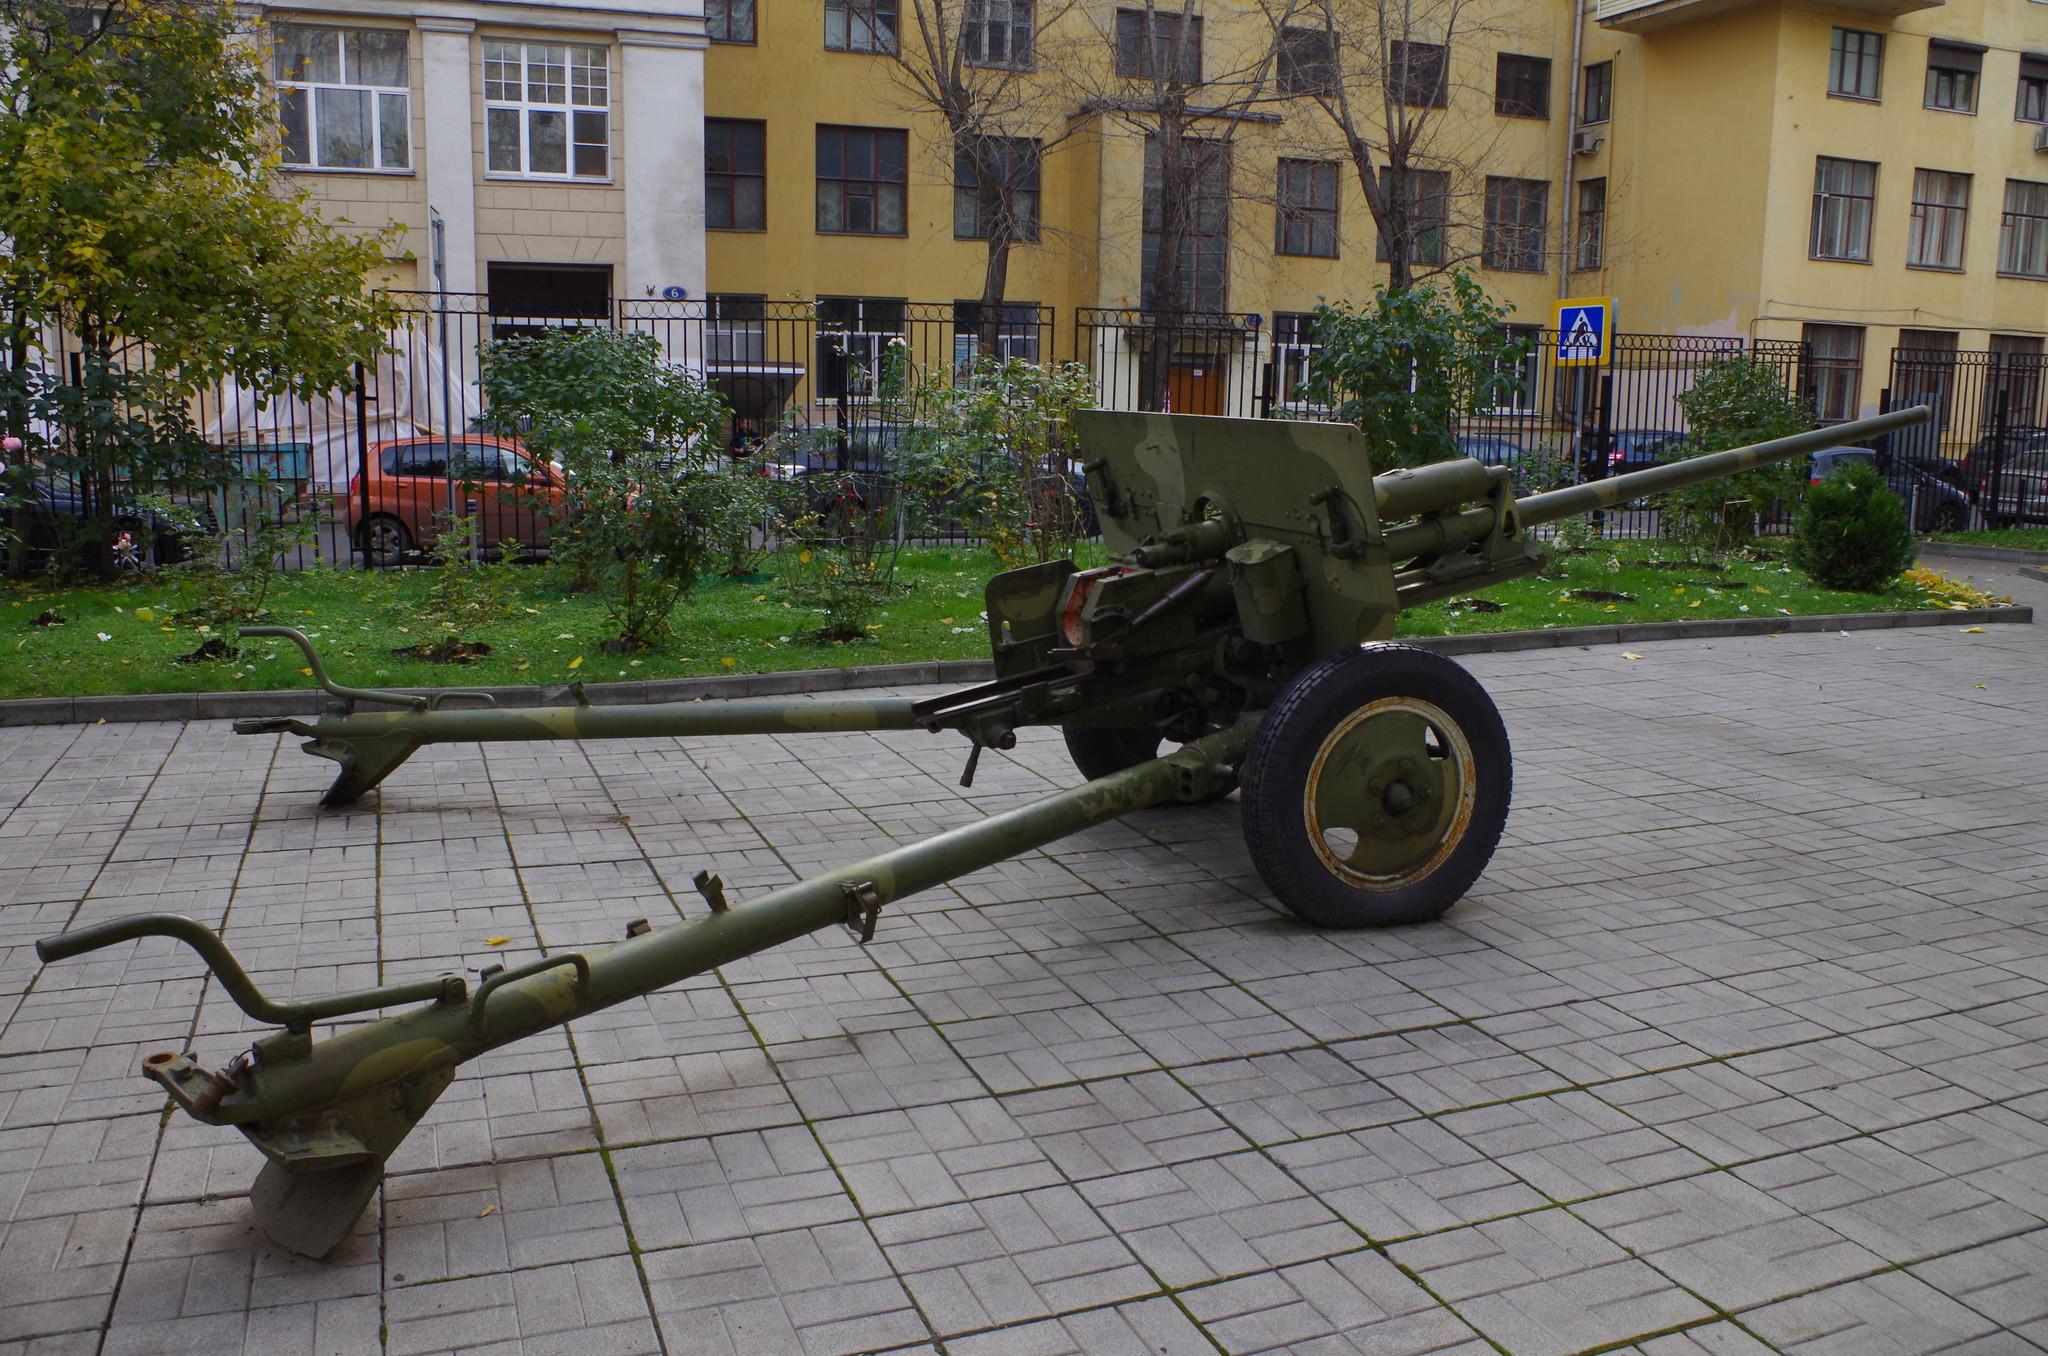 57-мм противотанковая пушка (ЗИС-2) в школьном дворе (Старопименовский переулок, дом 5)